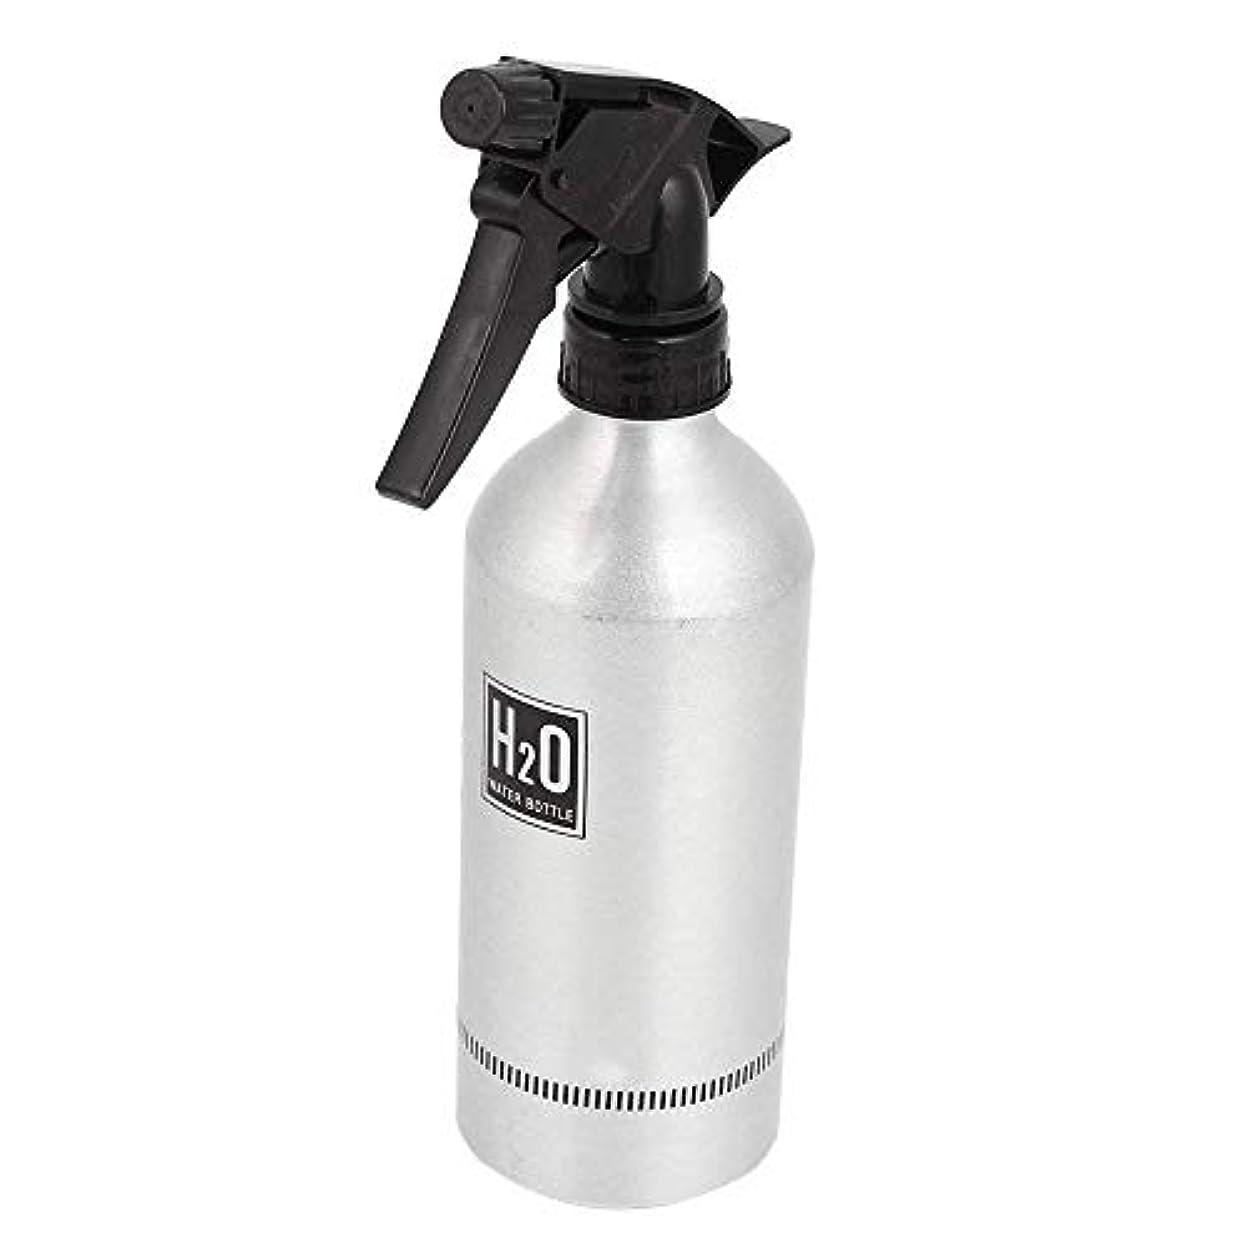 正当なプランター気候の山Onior アルミ スプレー缶 水髪器 スプレー スプレーボトル 美容ツール サロン 理髪師 美容師 清潔 クリーニング 500ミリリットル